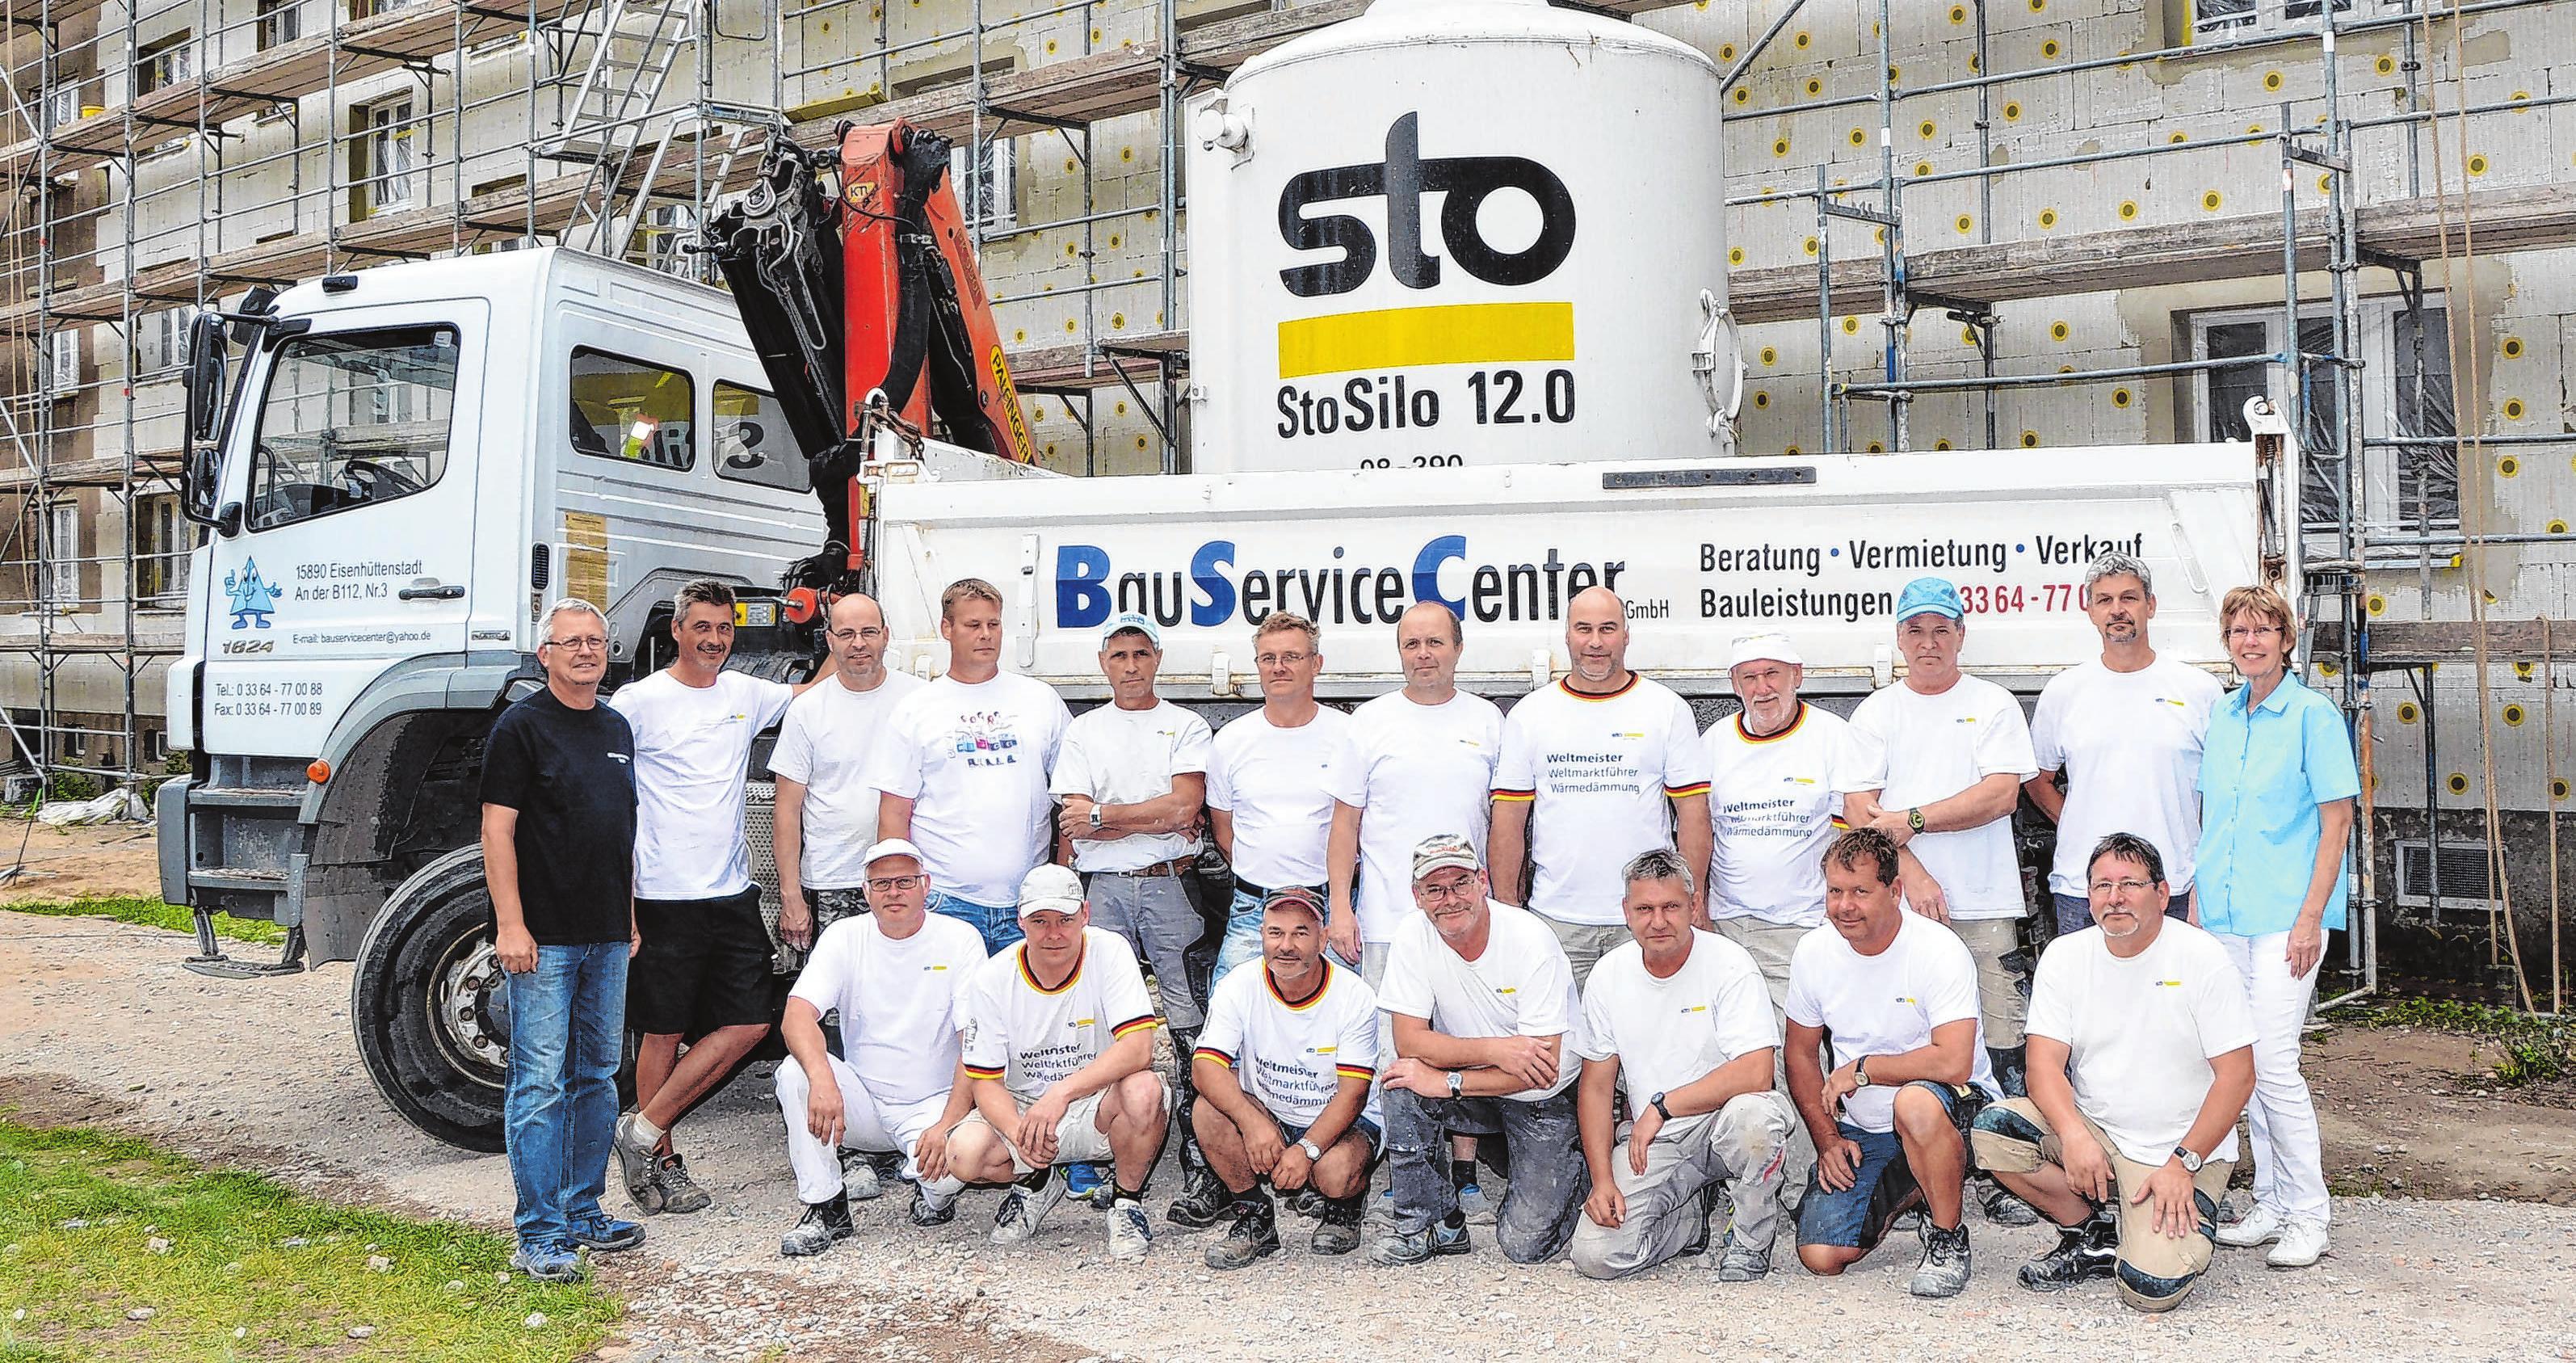 Das 19-köpfige Team blickt mit Stolz auf die erbrachten Leistungen, darunter viele denkmalgeschützte Sanierungsobjekte.